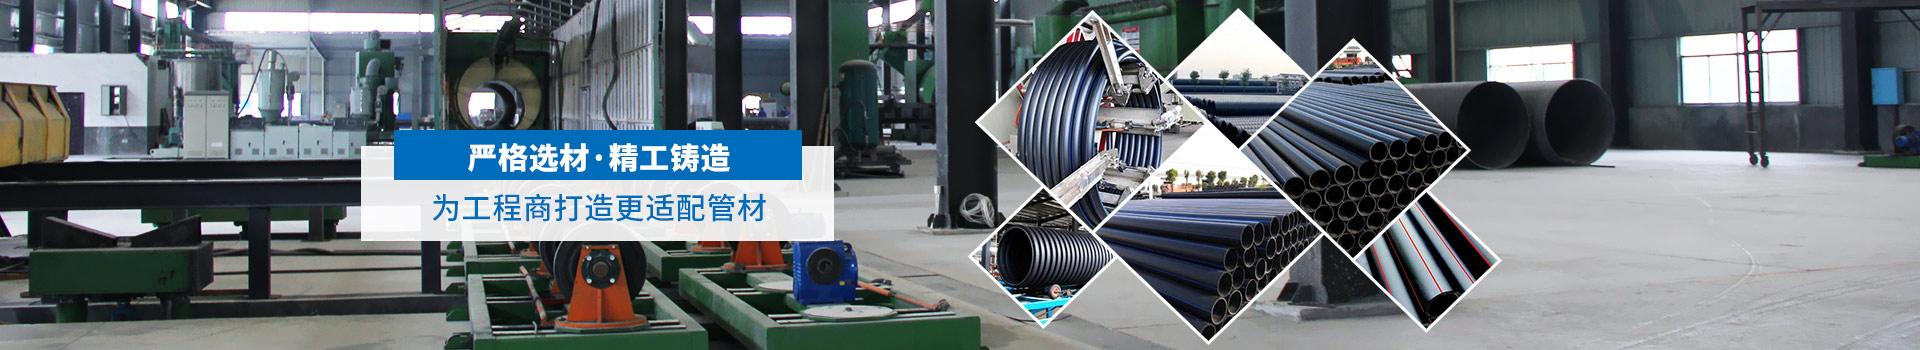 严格选材,精工铸造-为工程商打造更适配管材